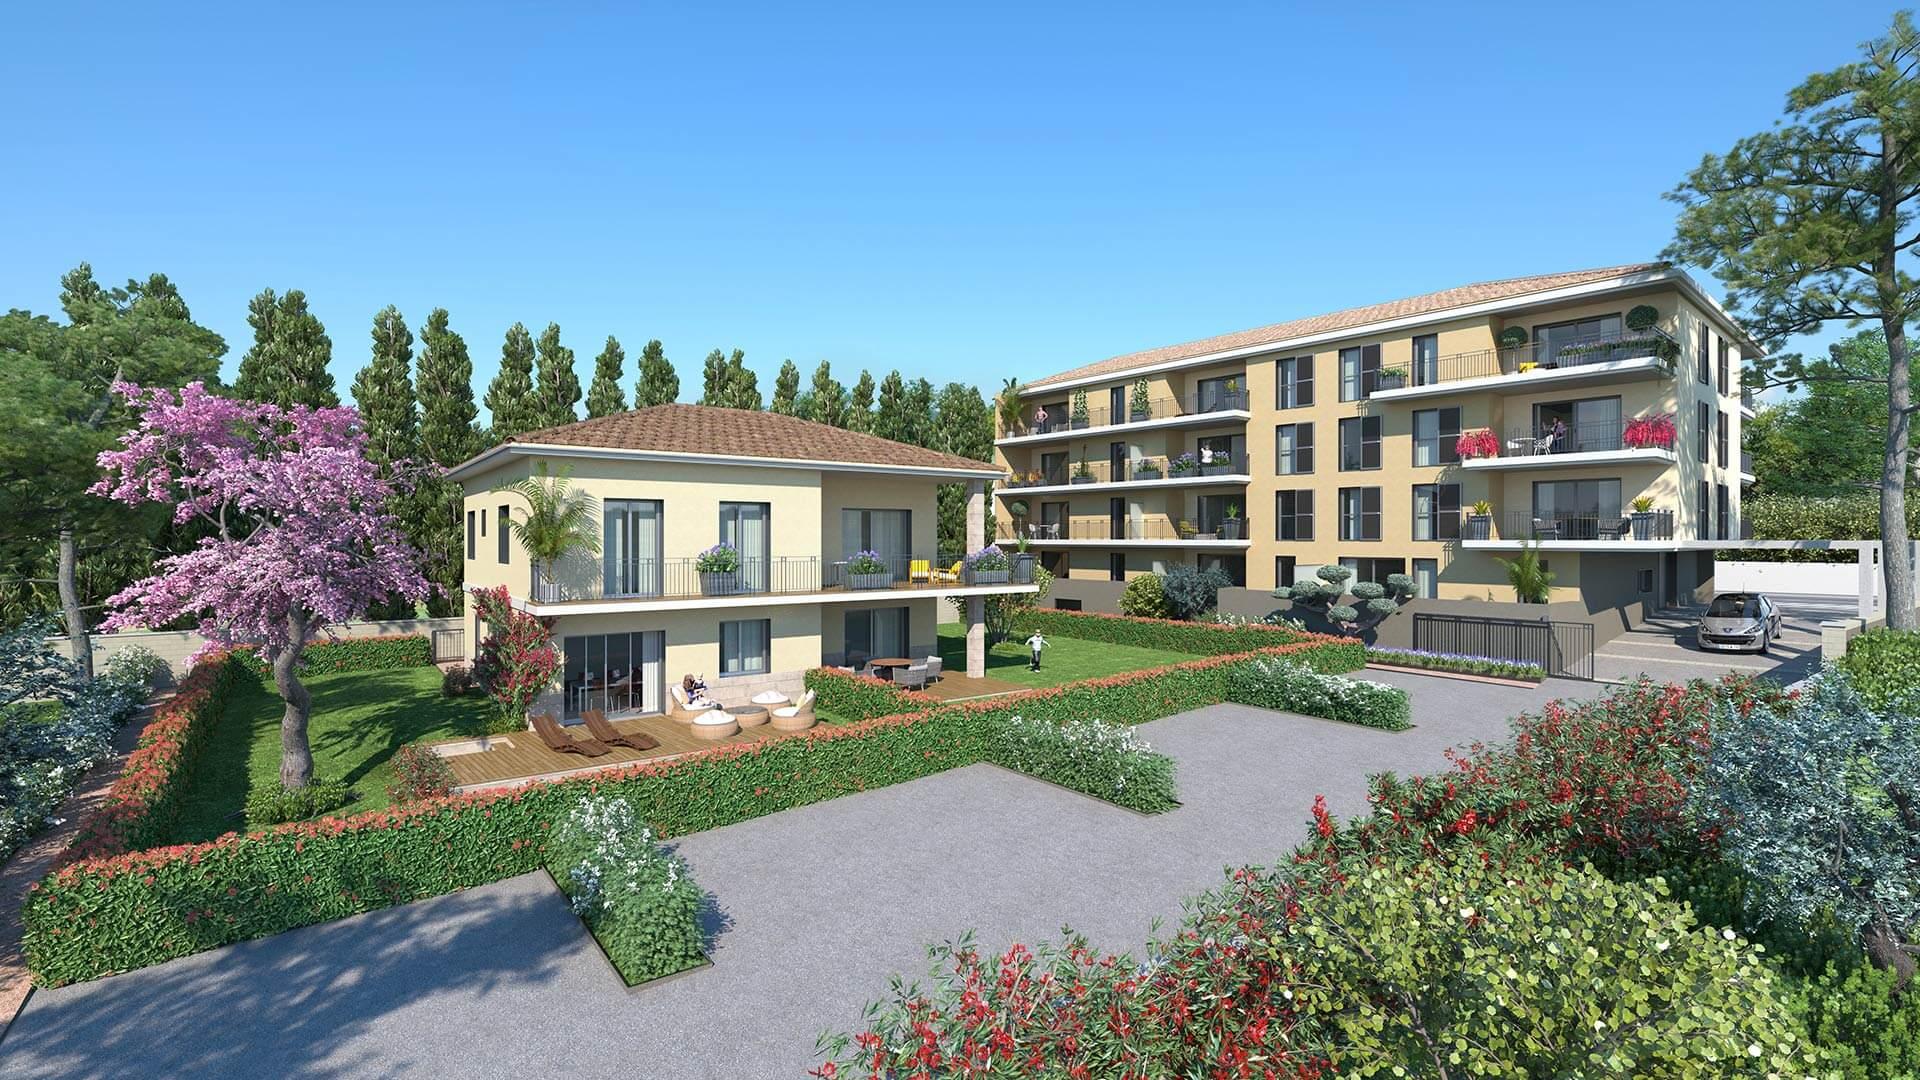 Programme immobilier Aix-En-Provence (13100) Une adresse prisée à Aix-en-Provence QUA7